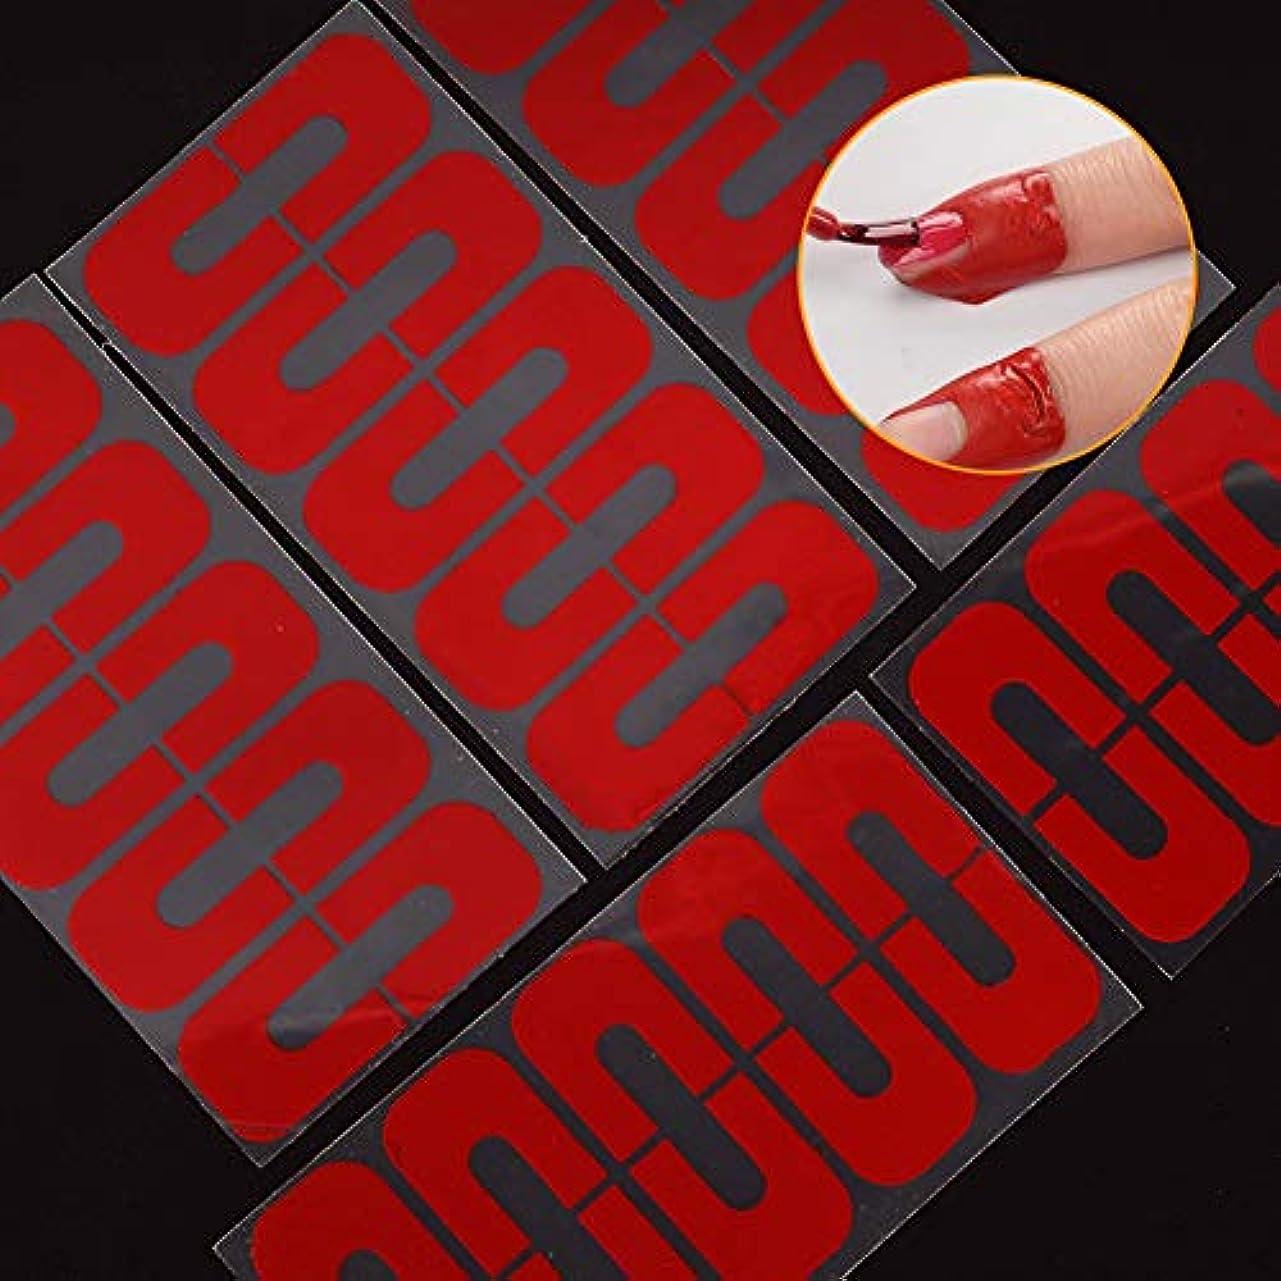 マキシム姓アジテーションhamulekfae-50個使い捨てU字型こぼれ防止ネイルプロテクター弾性指カバーステッカー - 赤50個Red50pcs